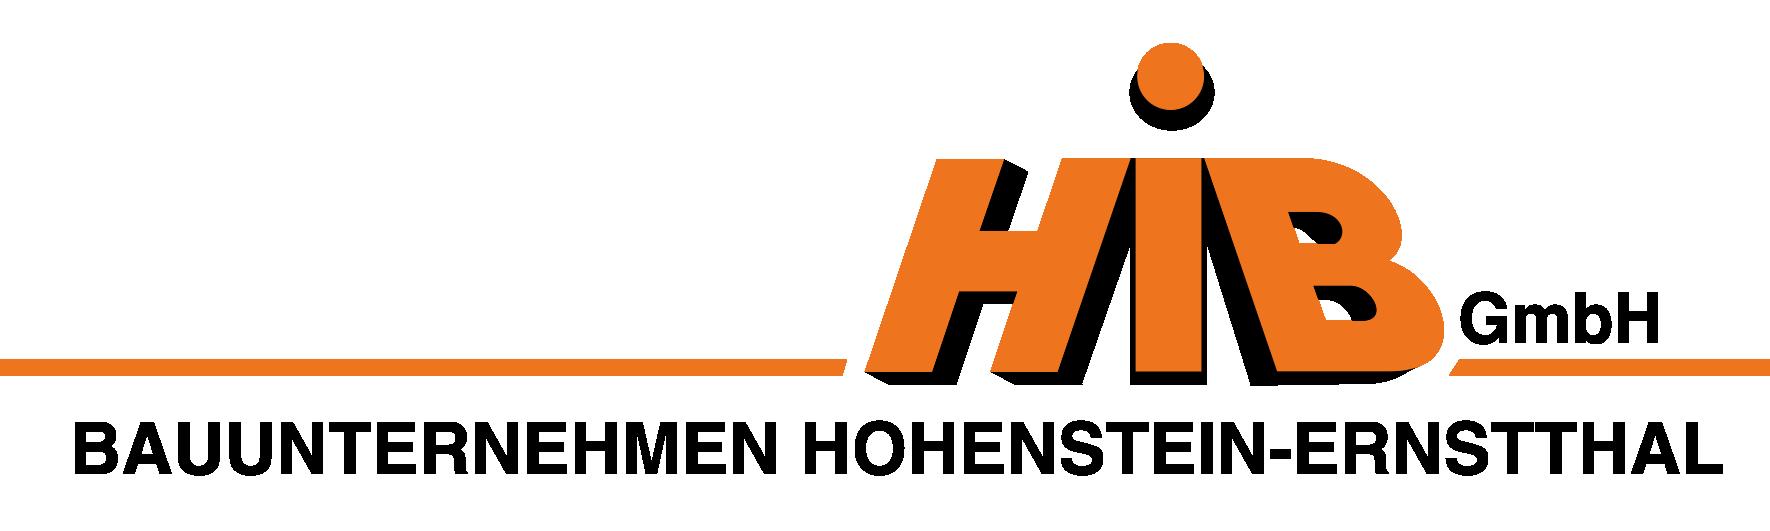 HIB-GmbH